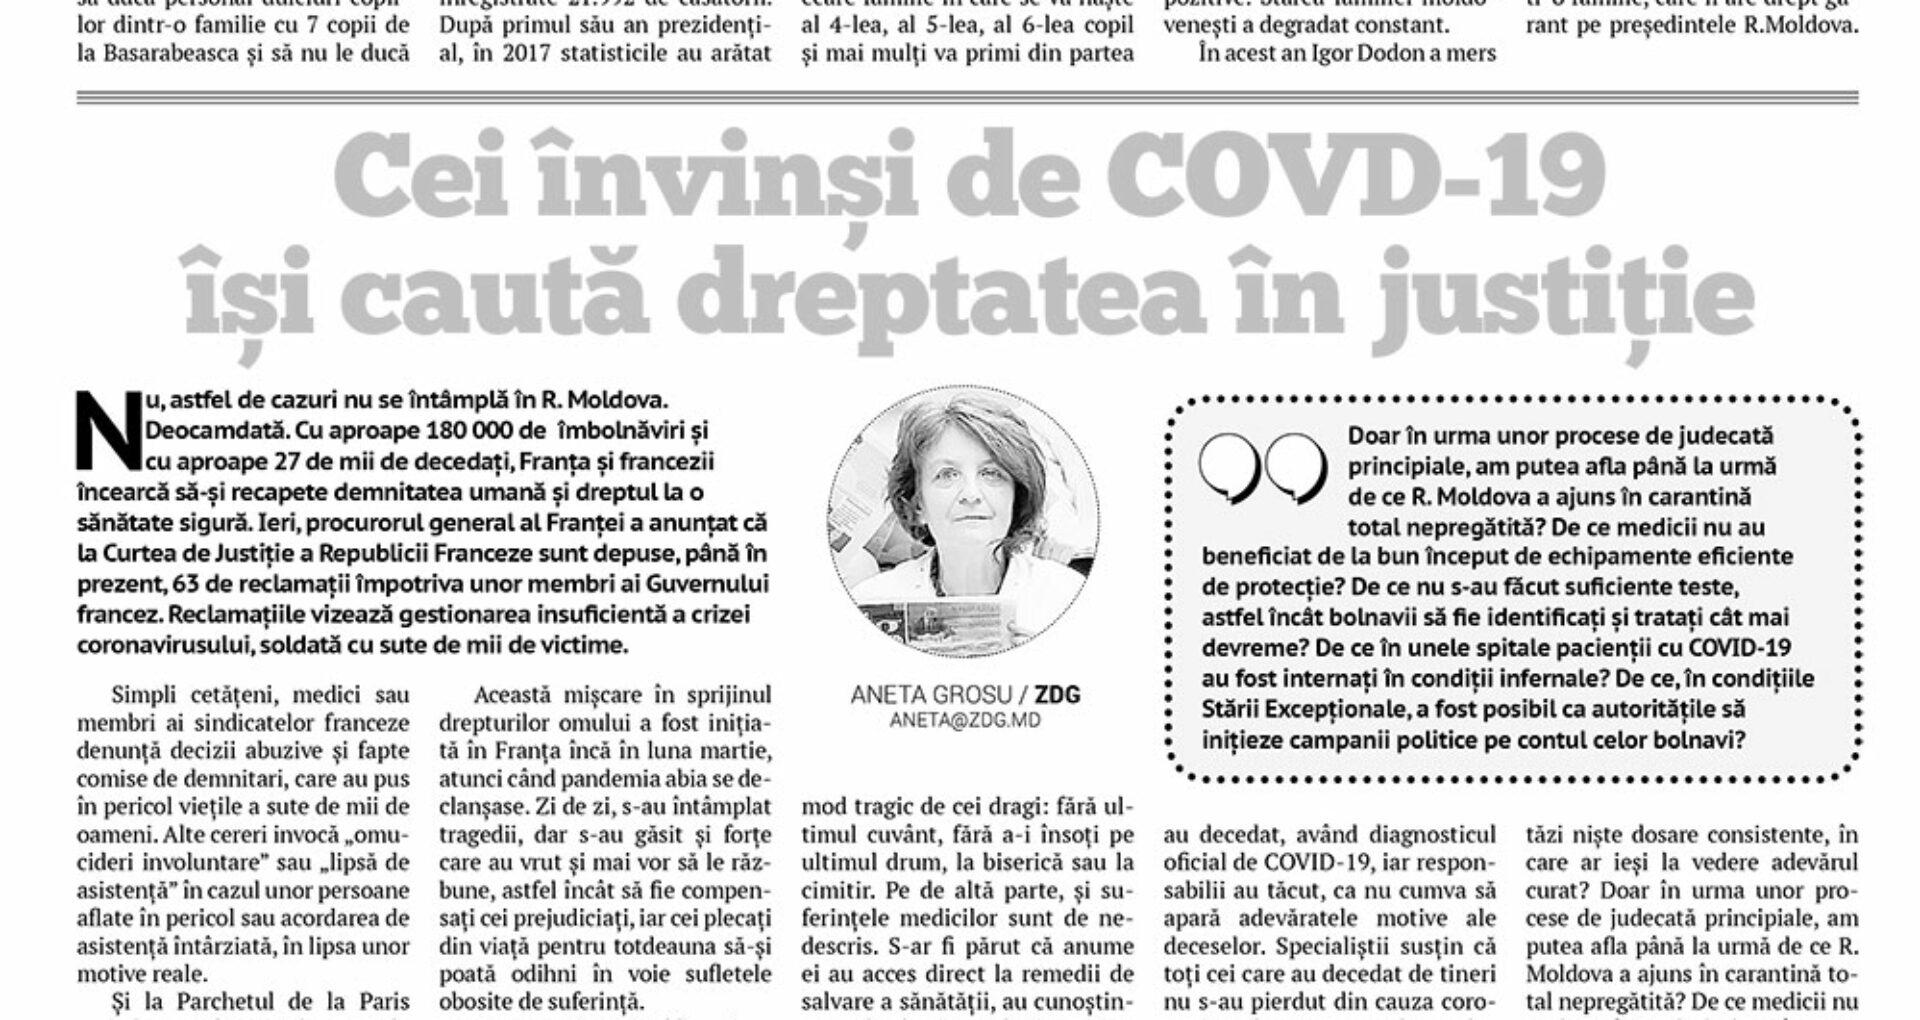 Cei învinși de COVID-19  își caută dreptatea în justiție